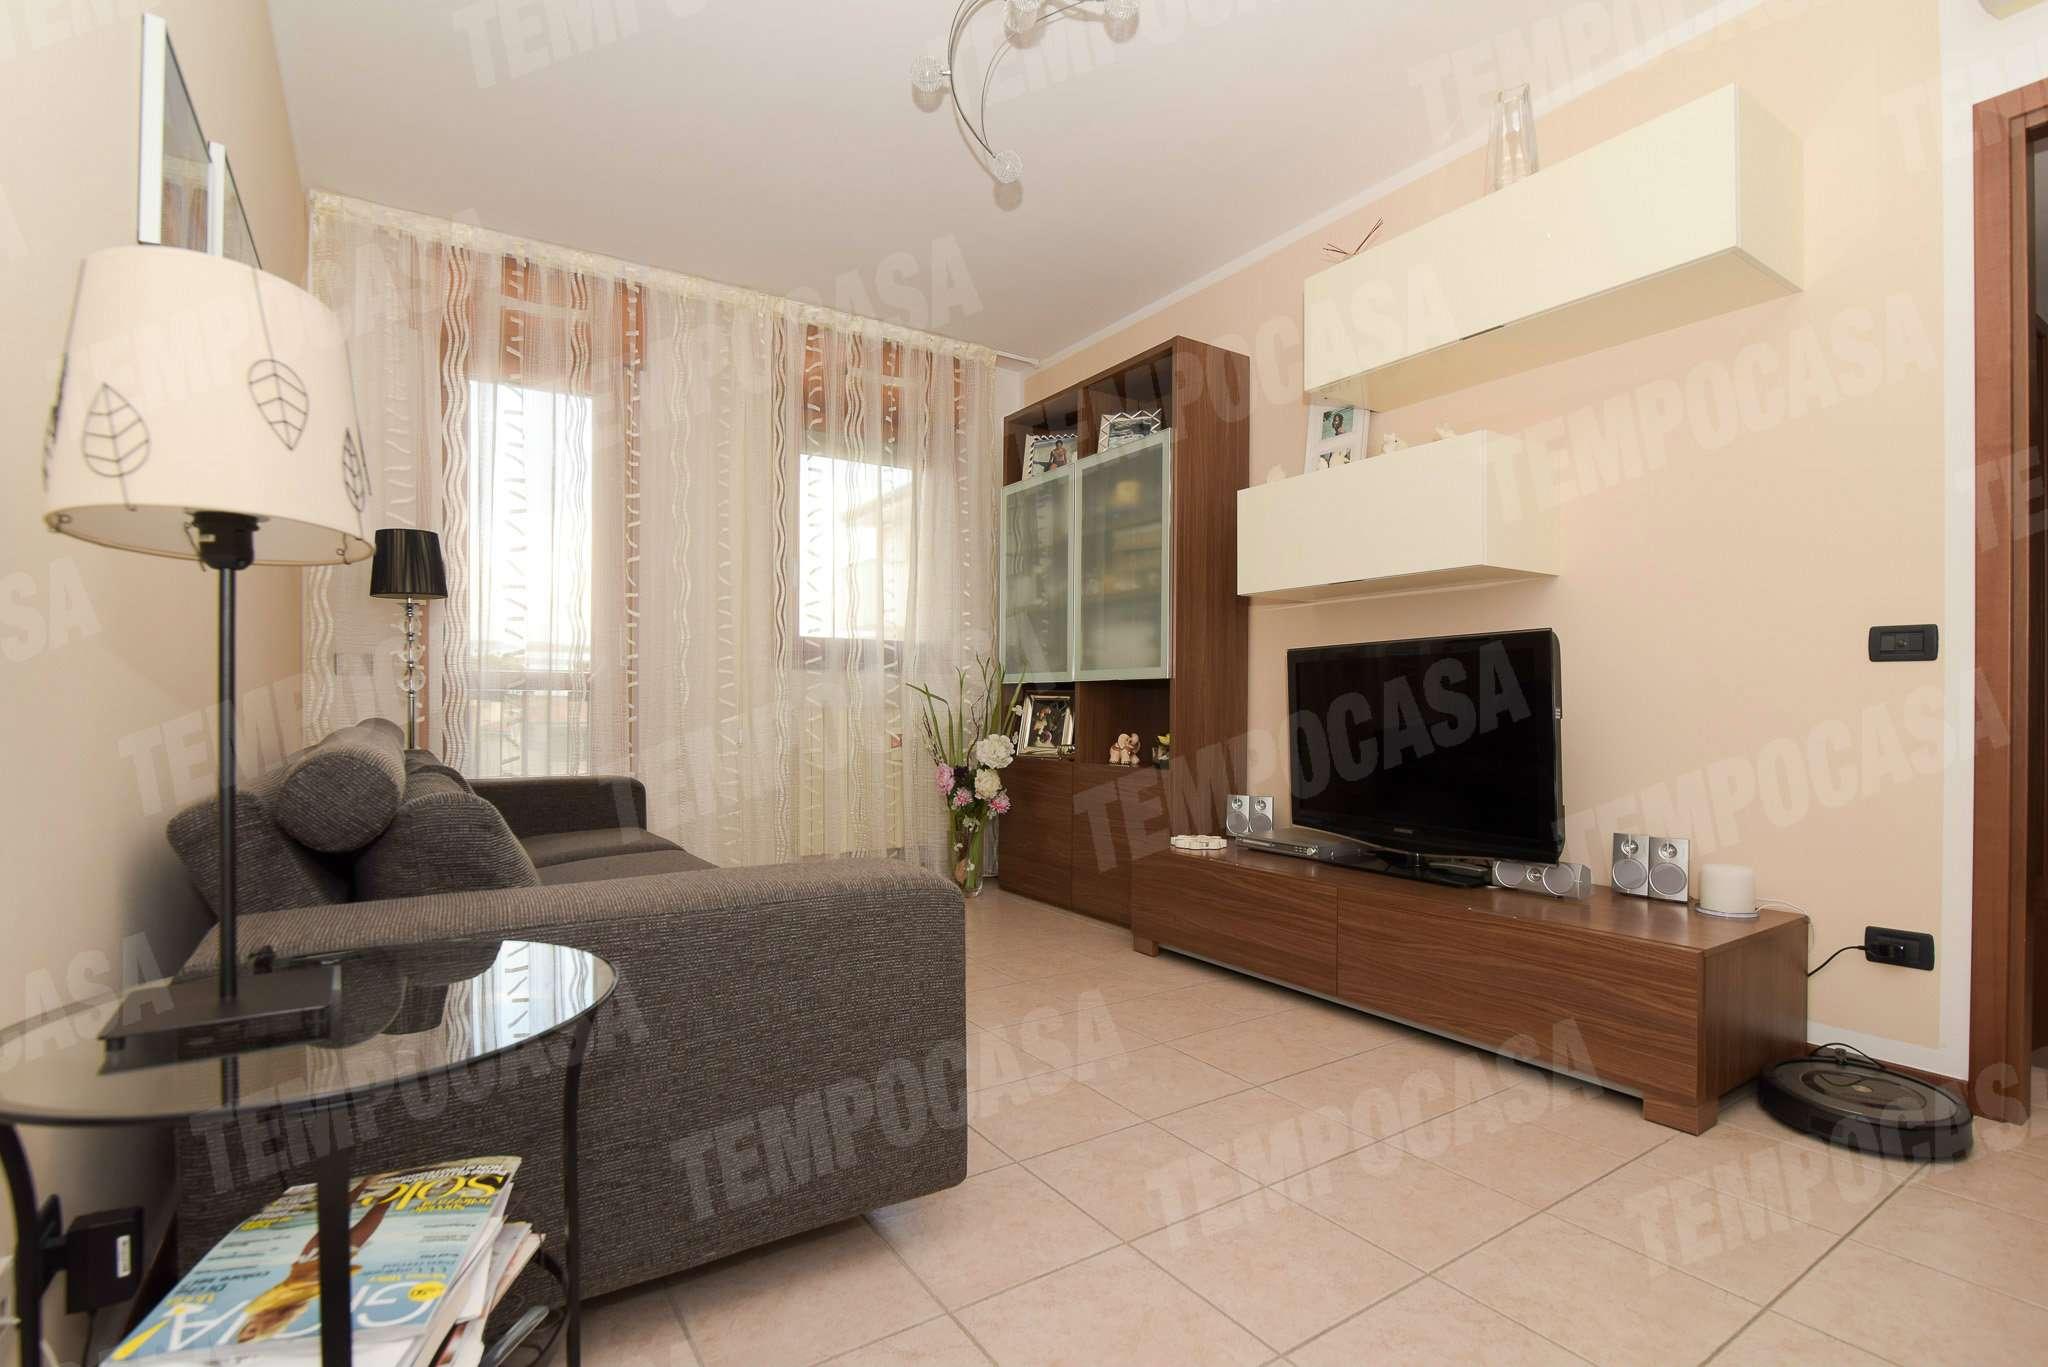 Appartamento in vendita a Milano, 3 locali, zona Zona: 3 . Bicocca, Greco, Monza, Palmanova, Padova, prezzo € 260.000 | CambioCasa.it